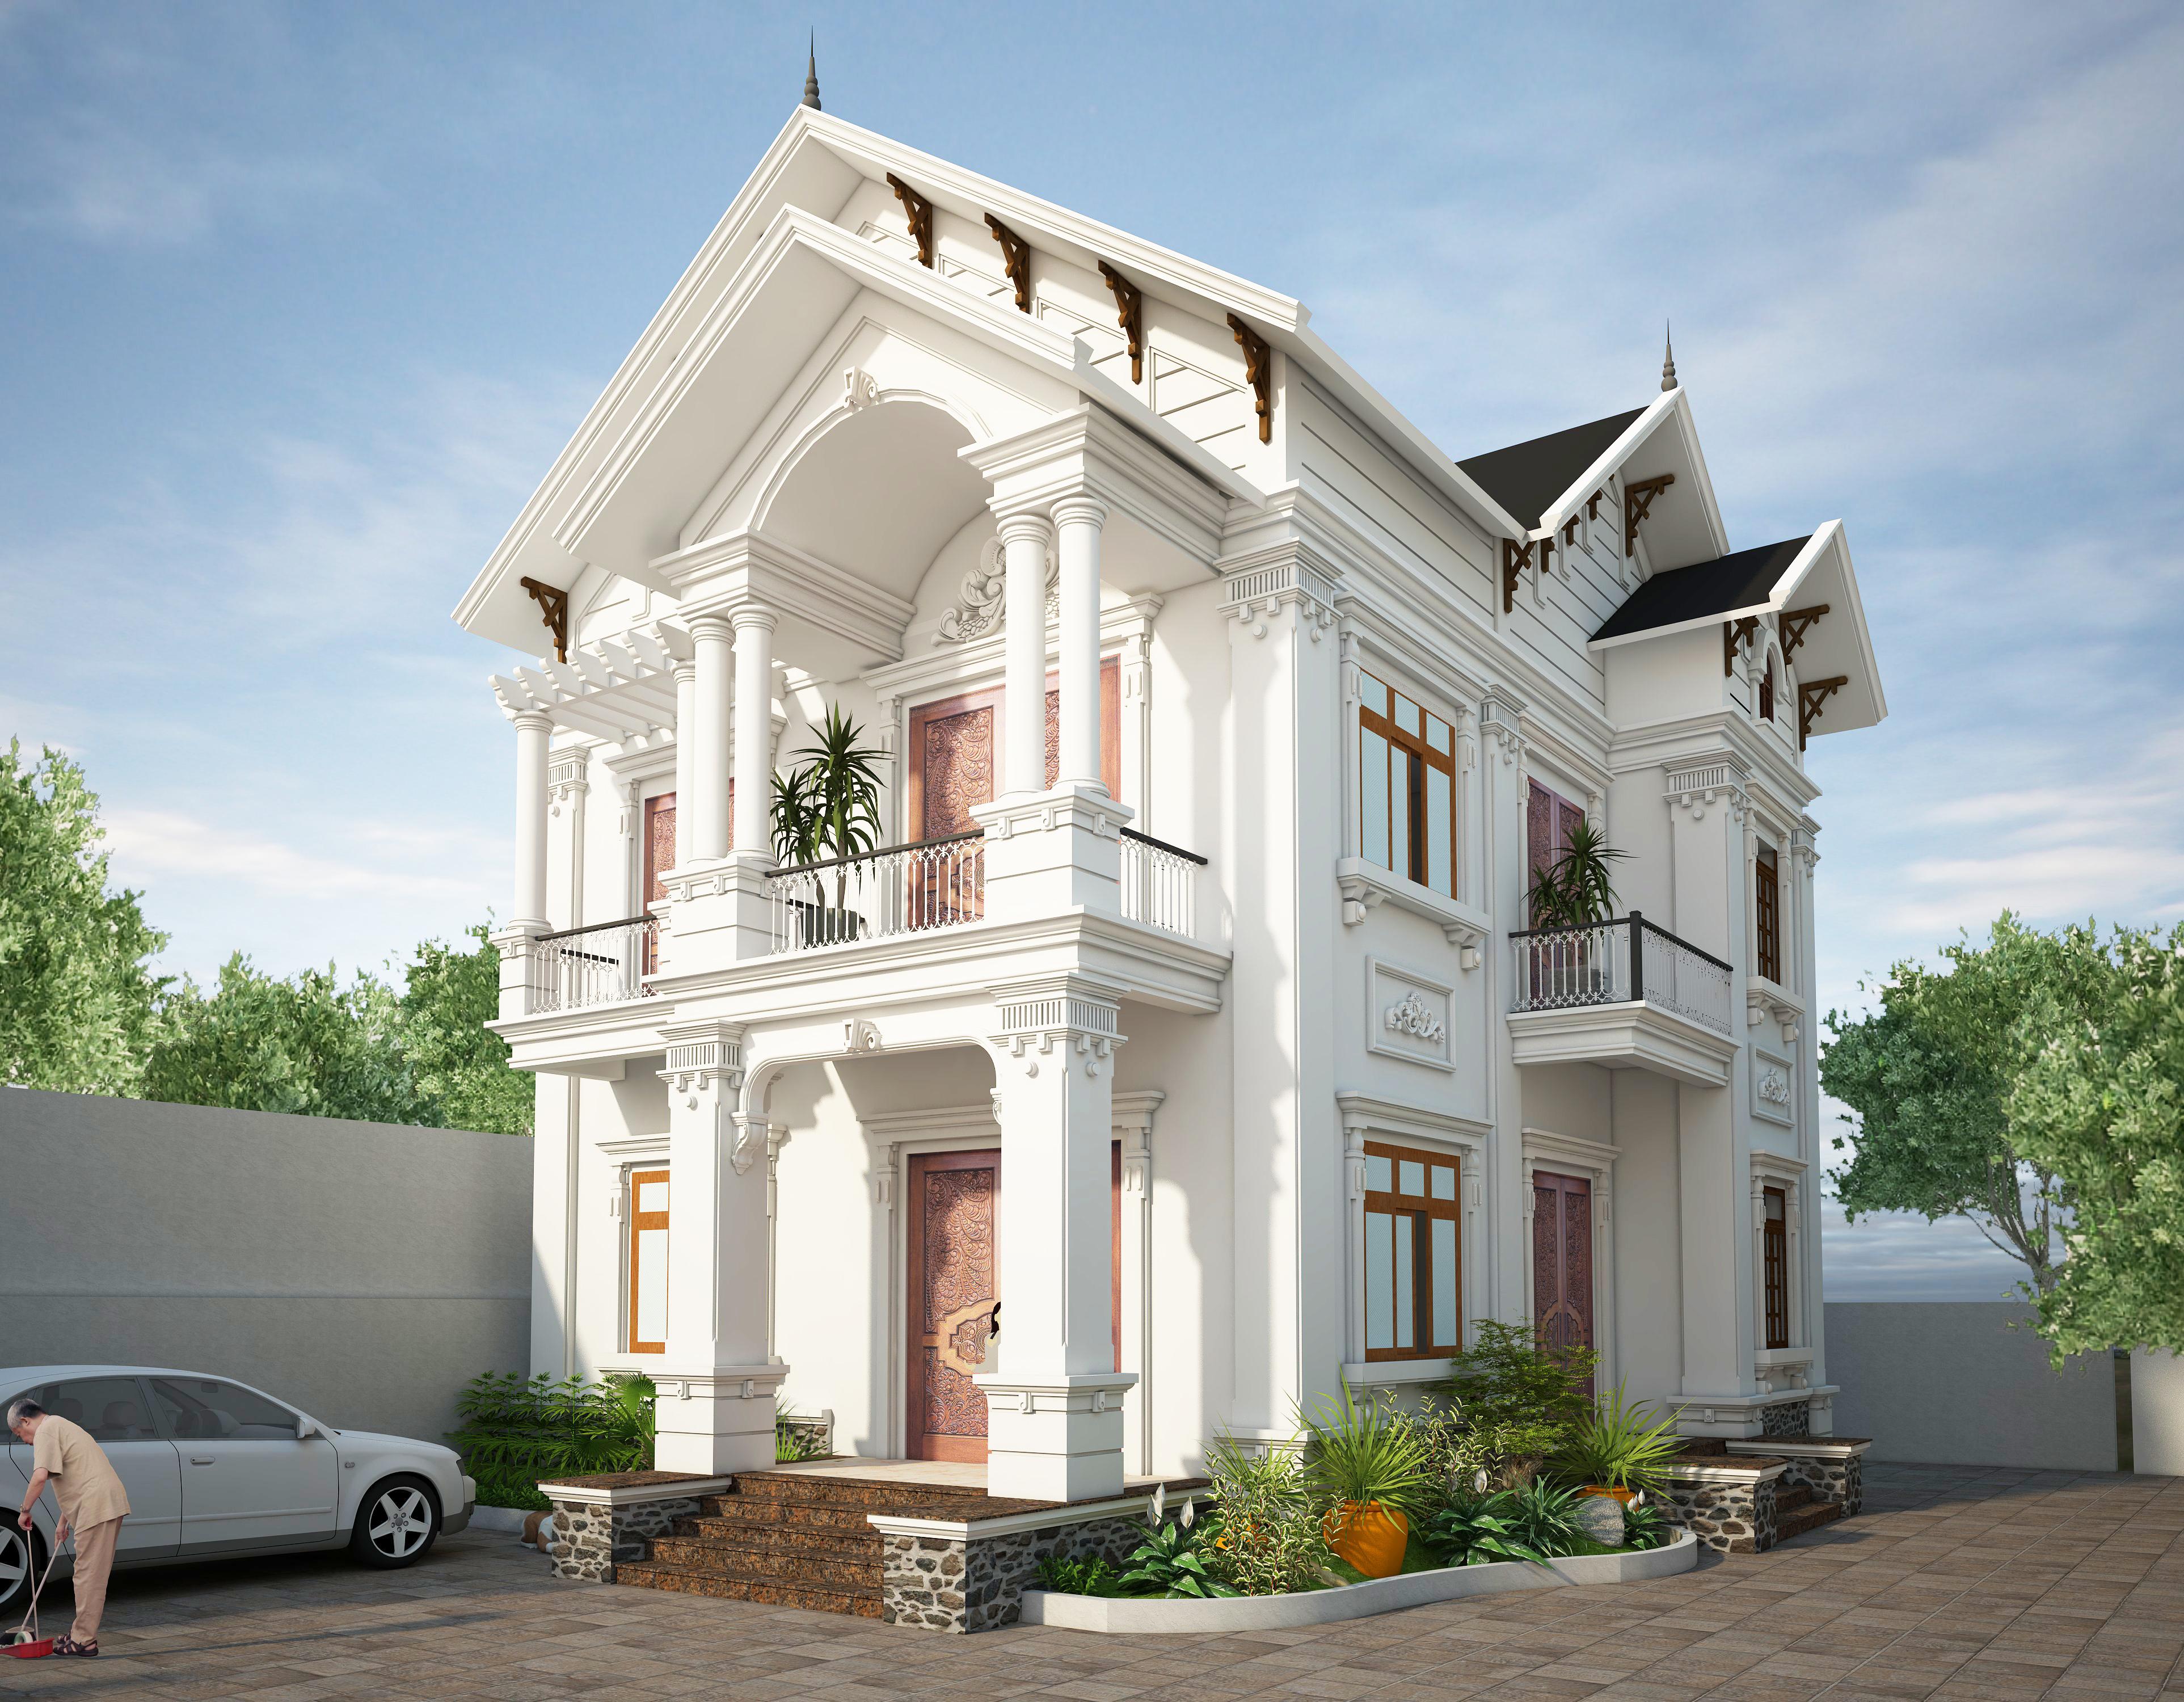 Thiết kế biệt thự cổ điển, tân cổ điển đã trở thành thương hiệu của Inhome